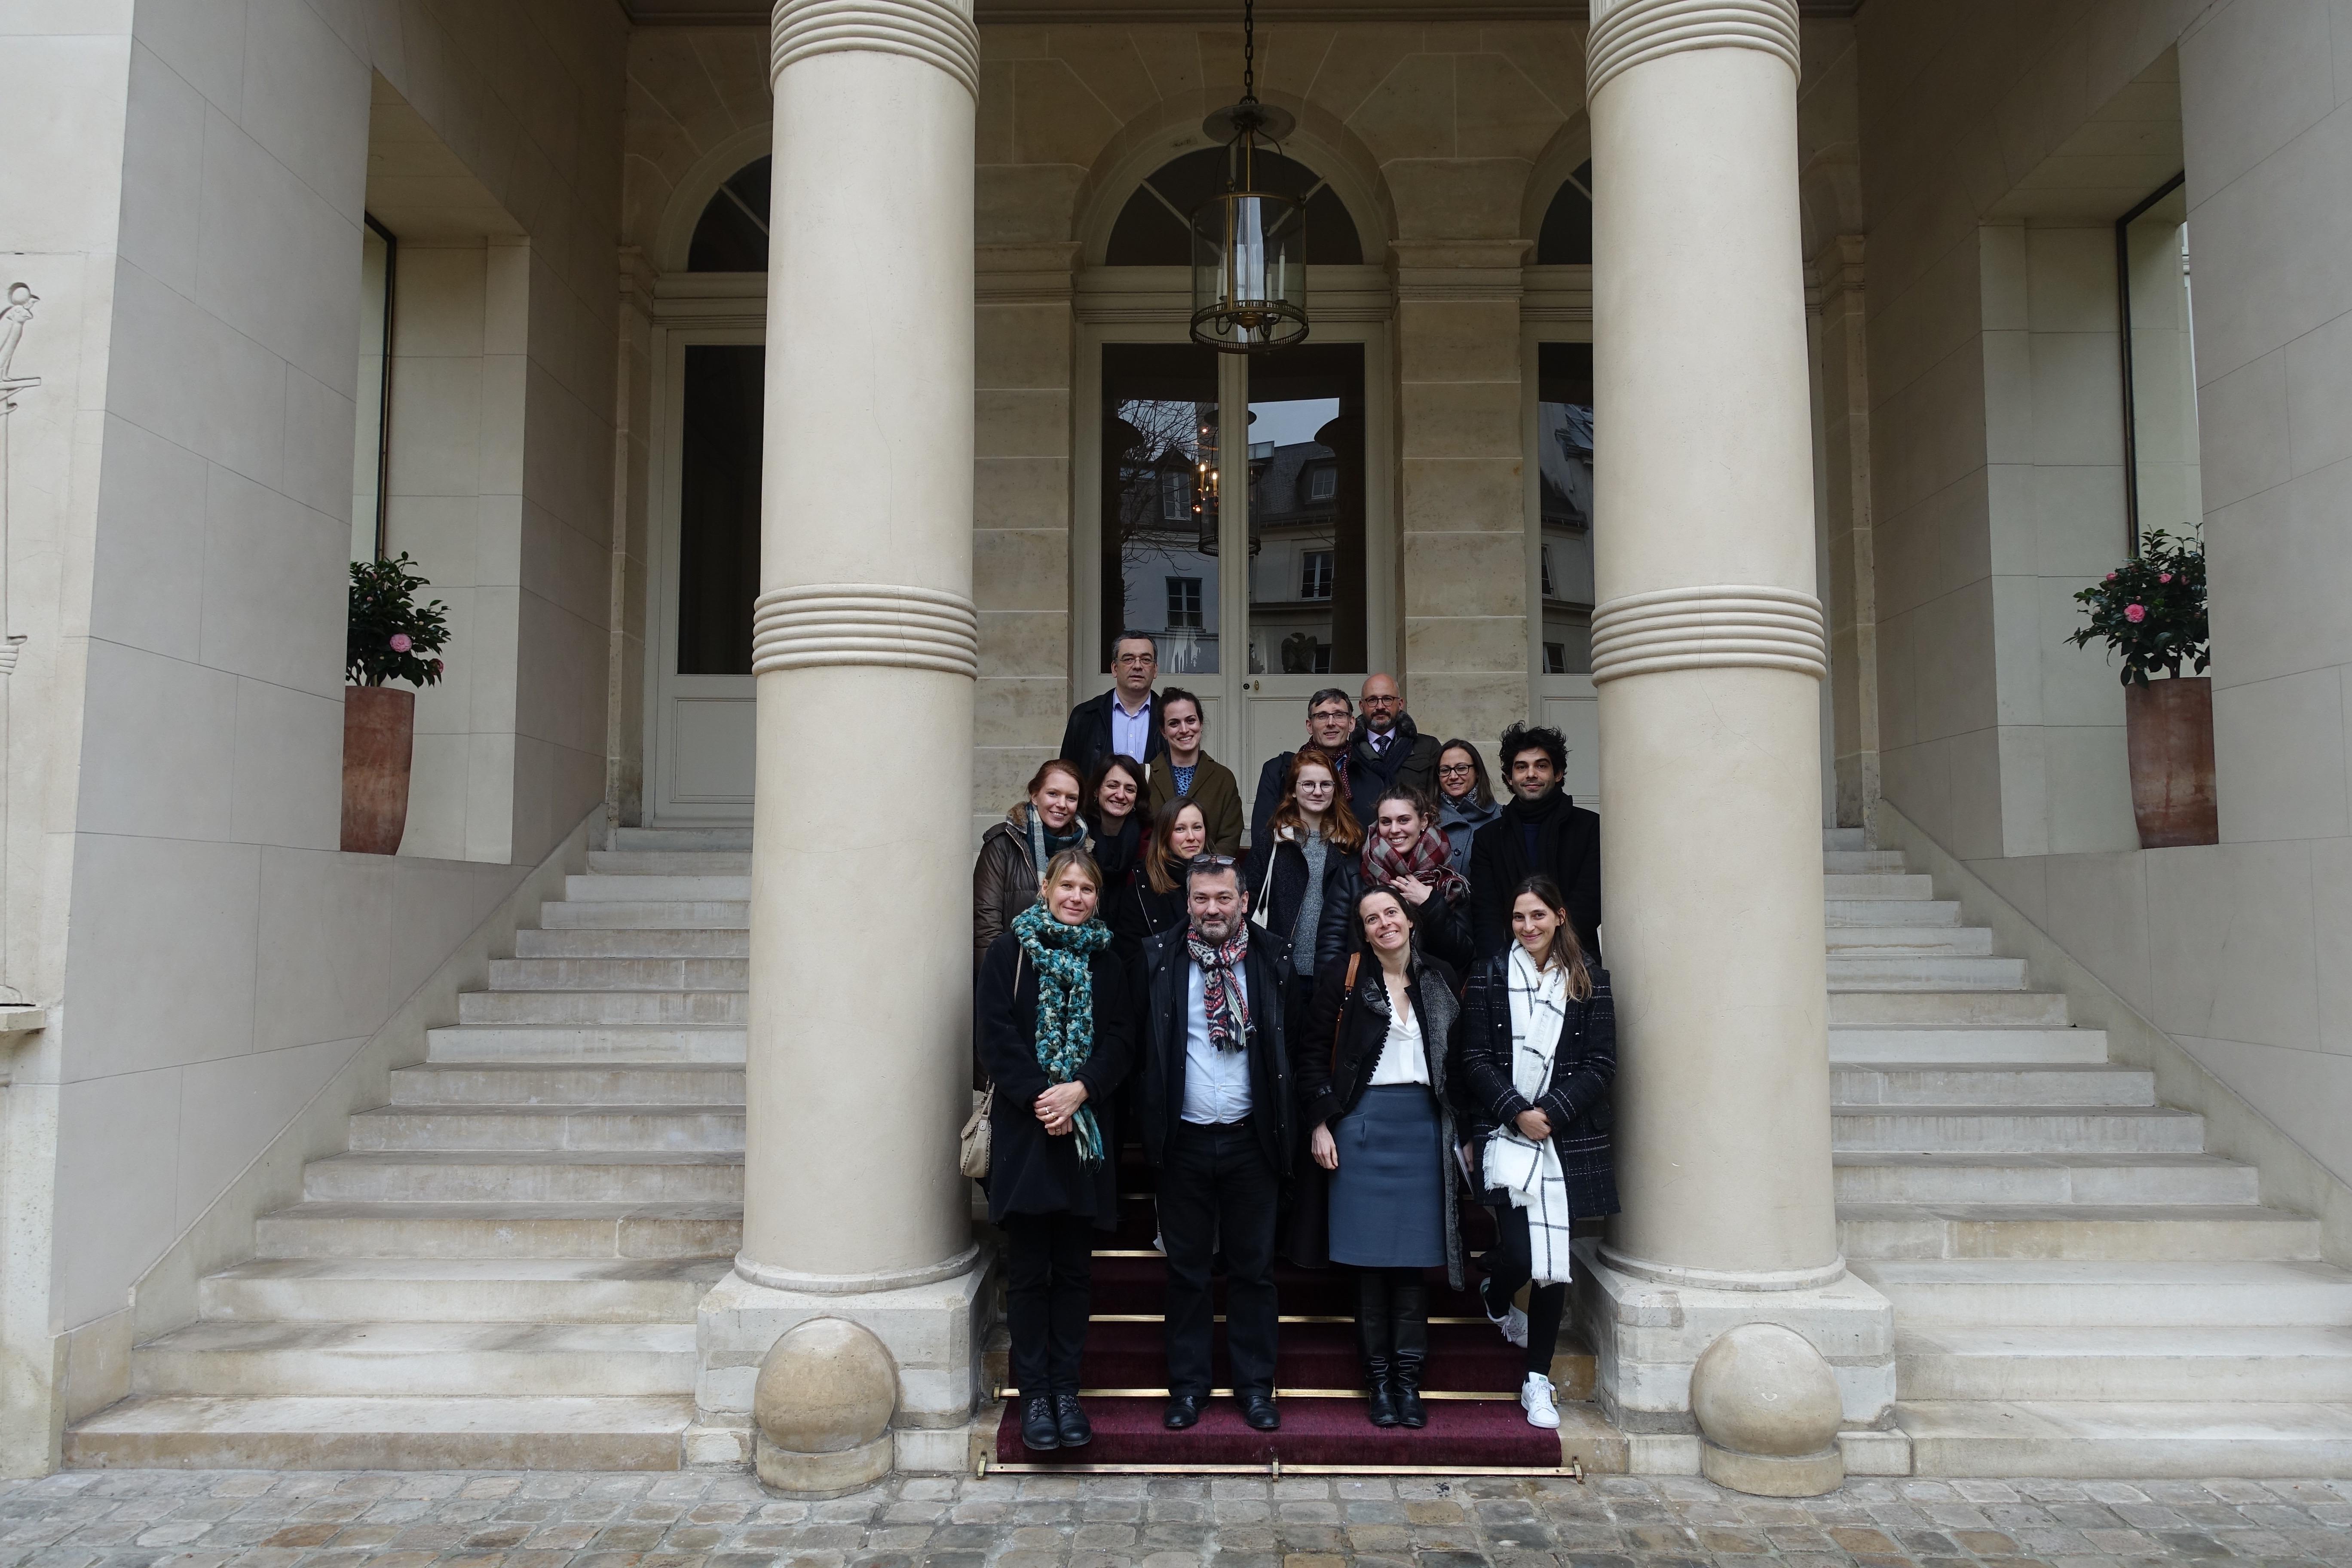 Gruppenfoto vor dem Hôtel Beauharnais, Paris